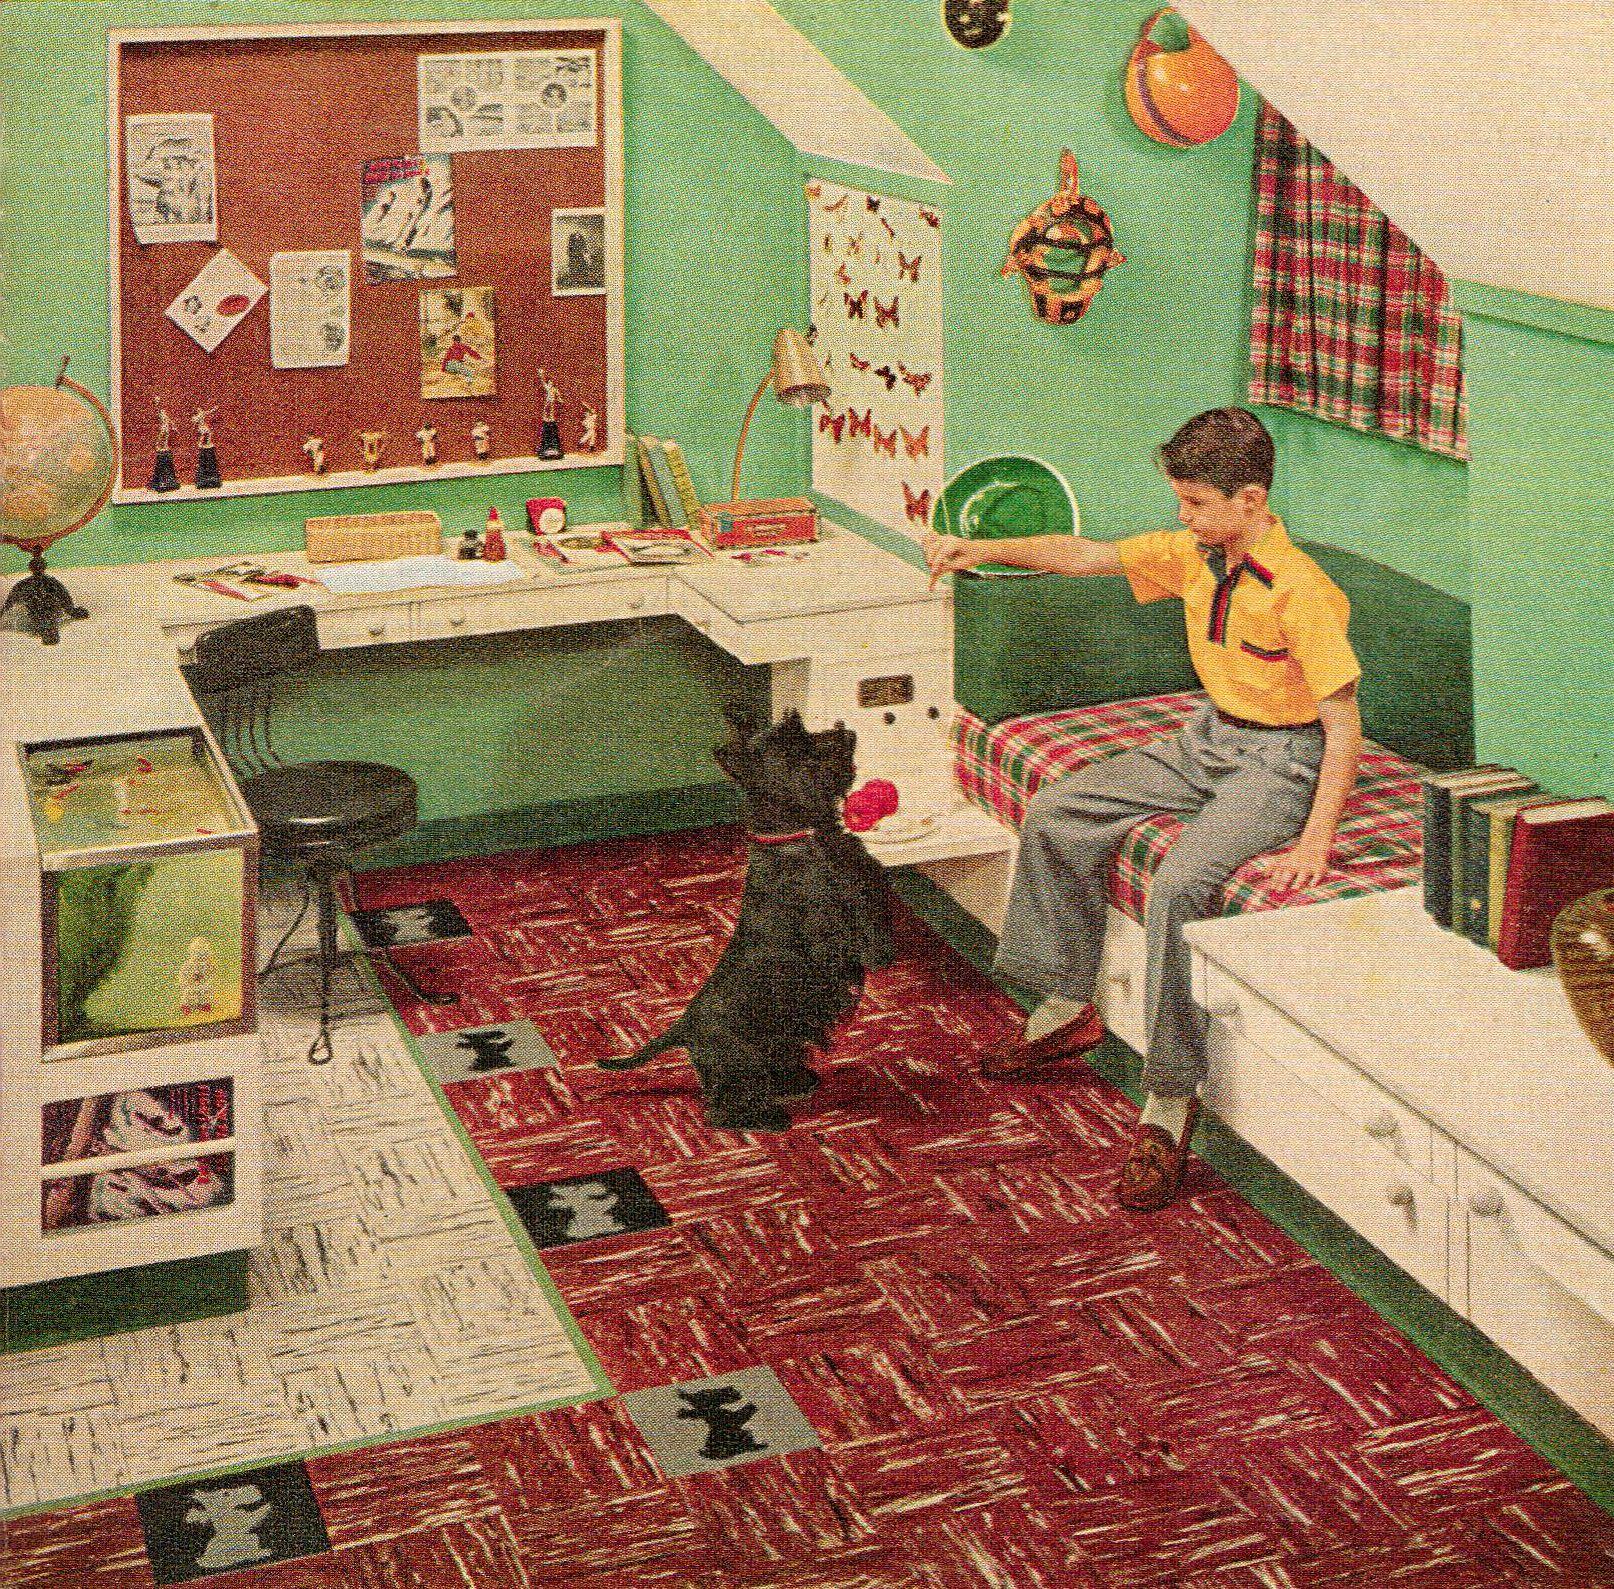 Pin Cathy Howson L Ve 50' Retro Home Decor